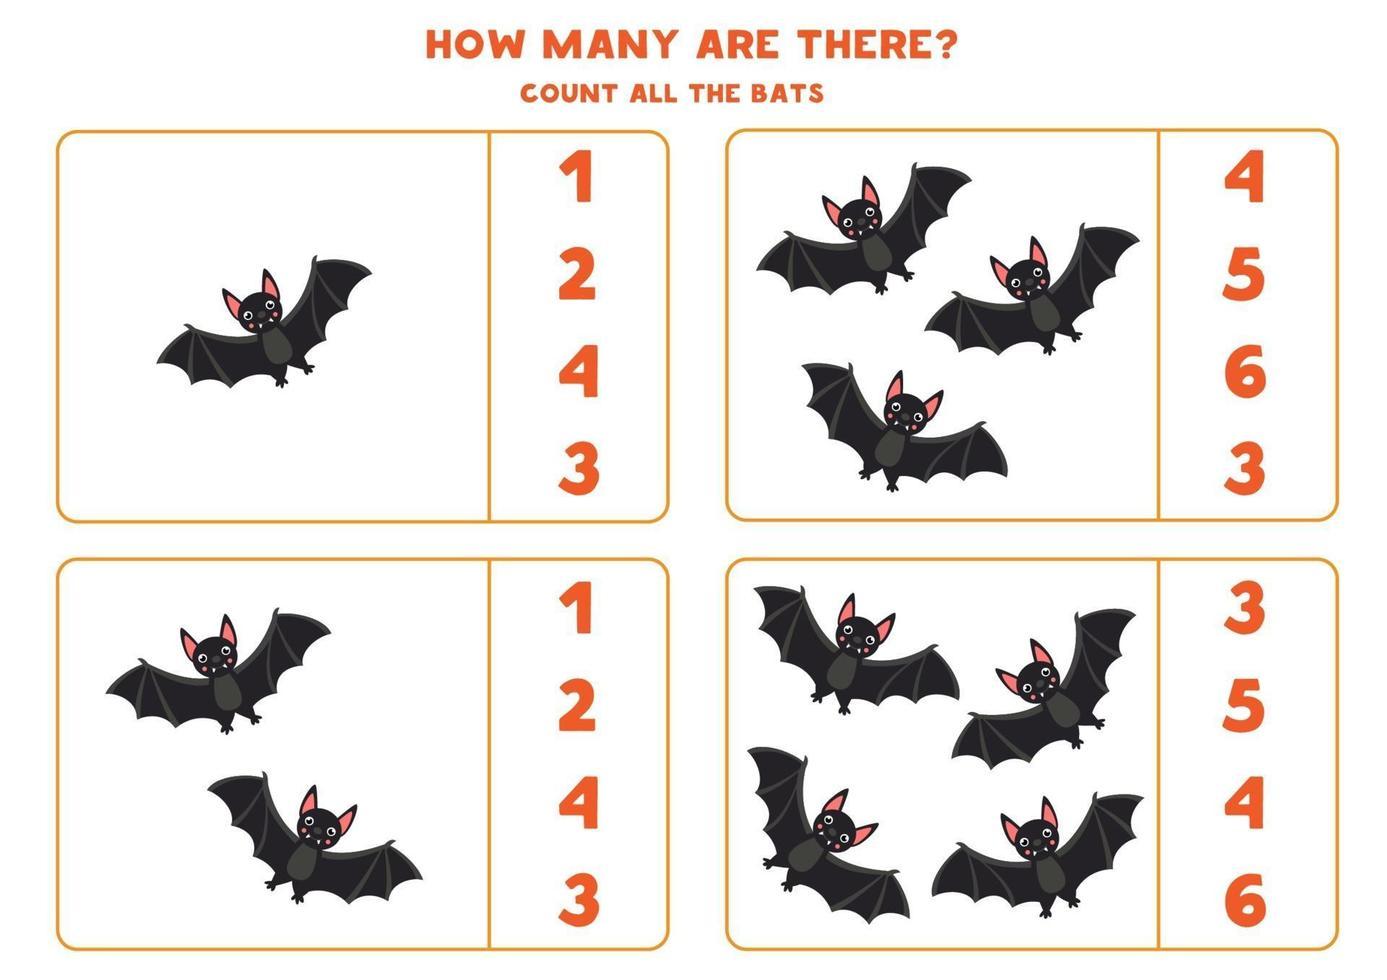 tellen spel met zwarte vleermuizen. wiskunde werkblad voor kinderen. vector